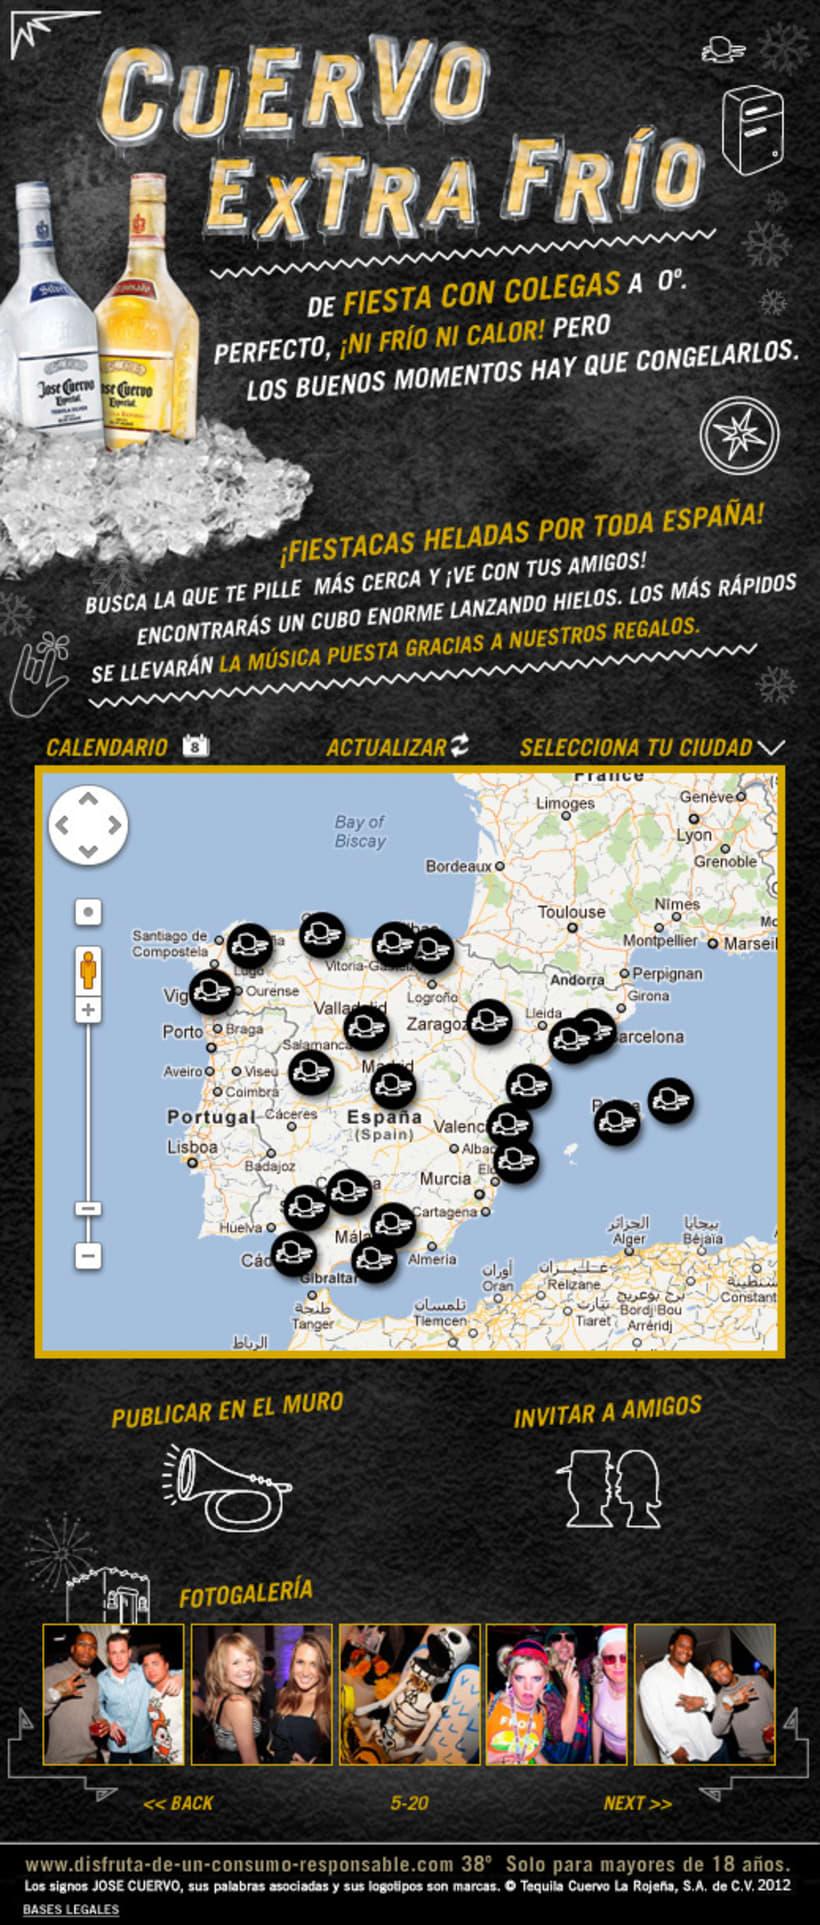 Cuervo Extra Frío (Facebook App) 1